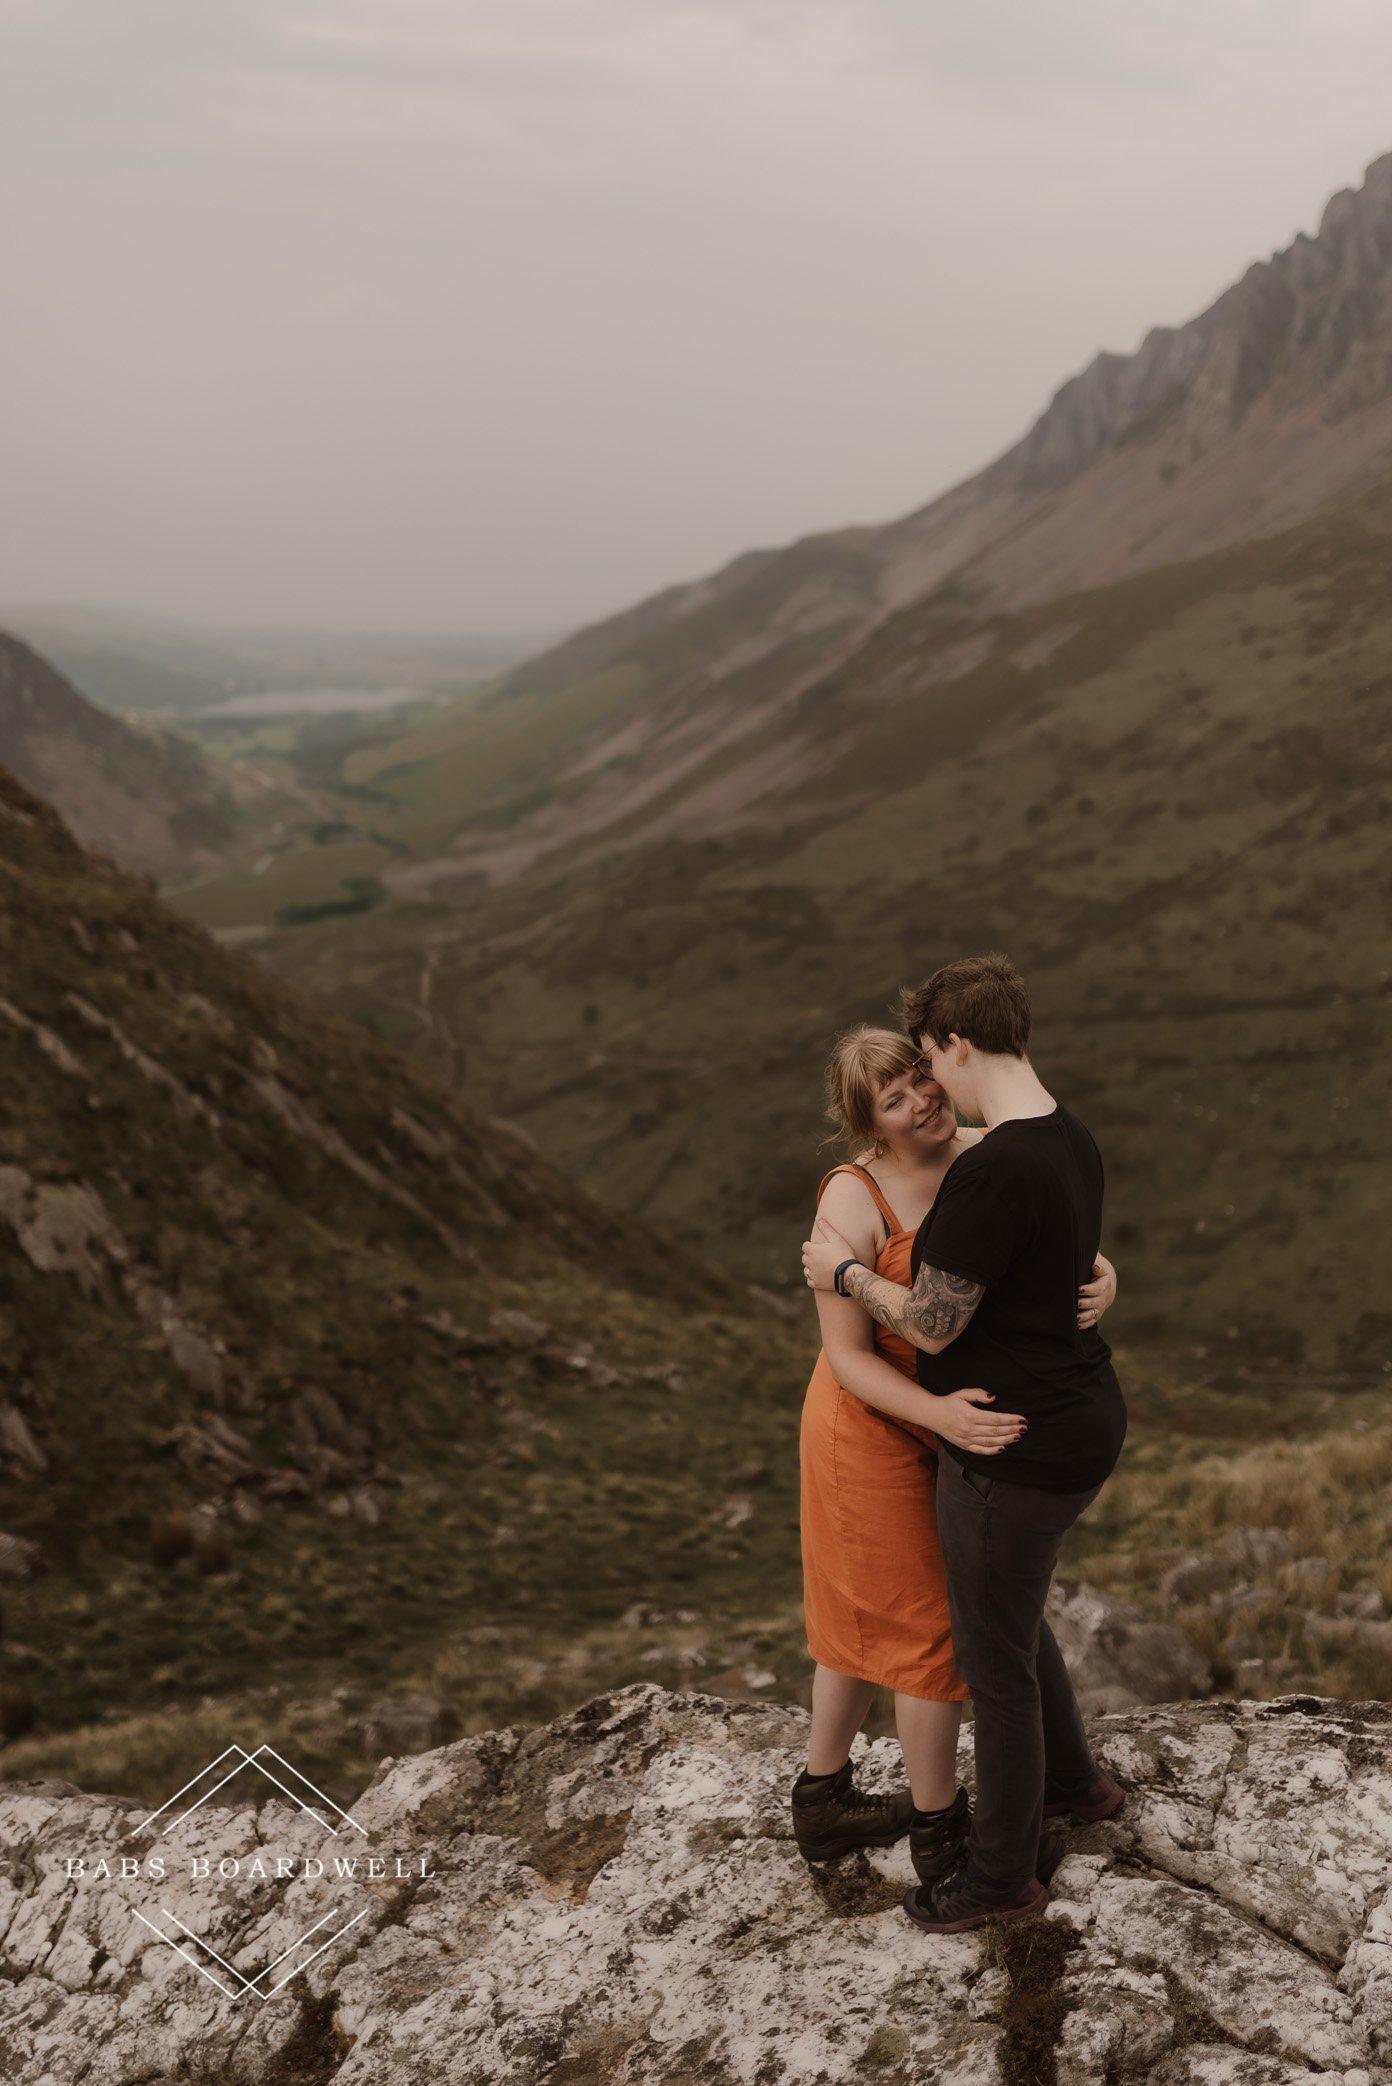 post-wedding adventure by a glacier lake